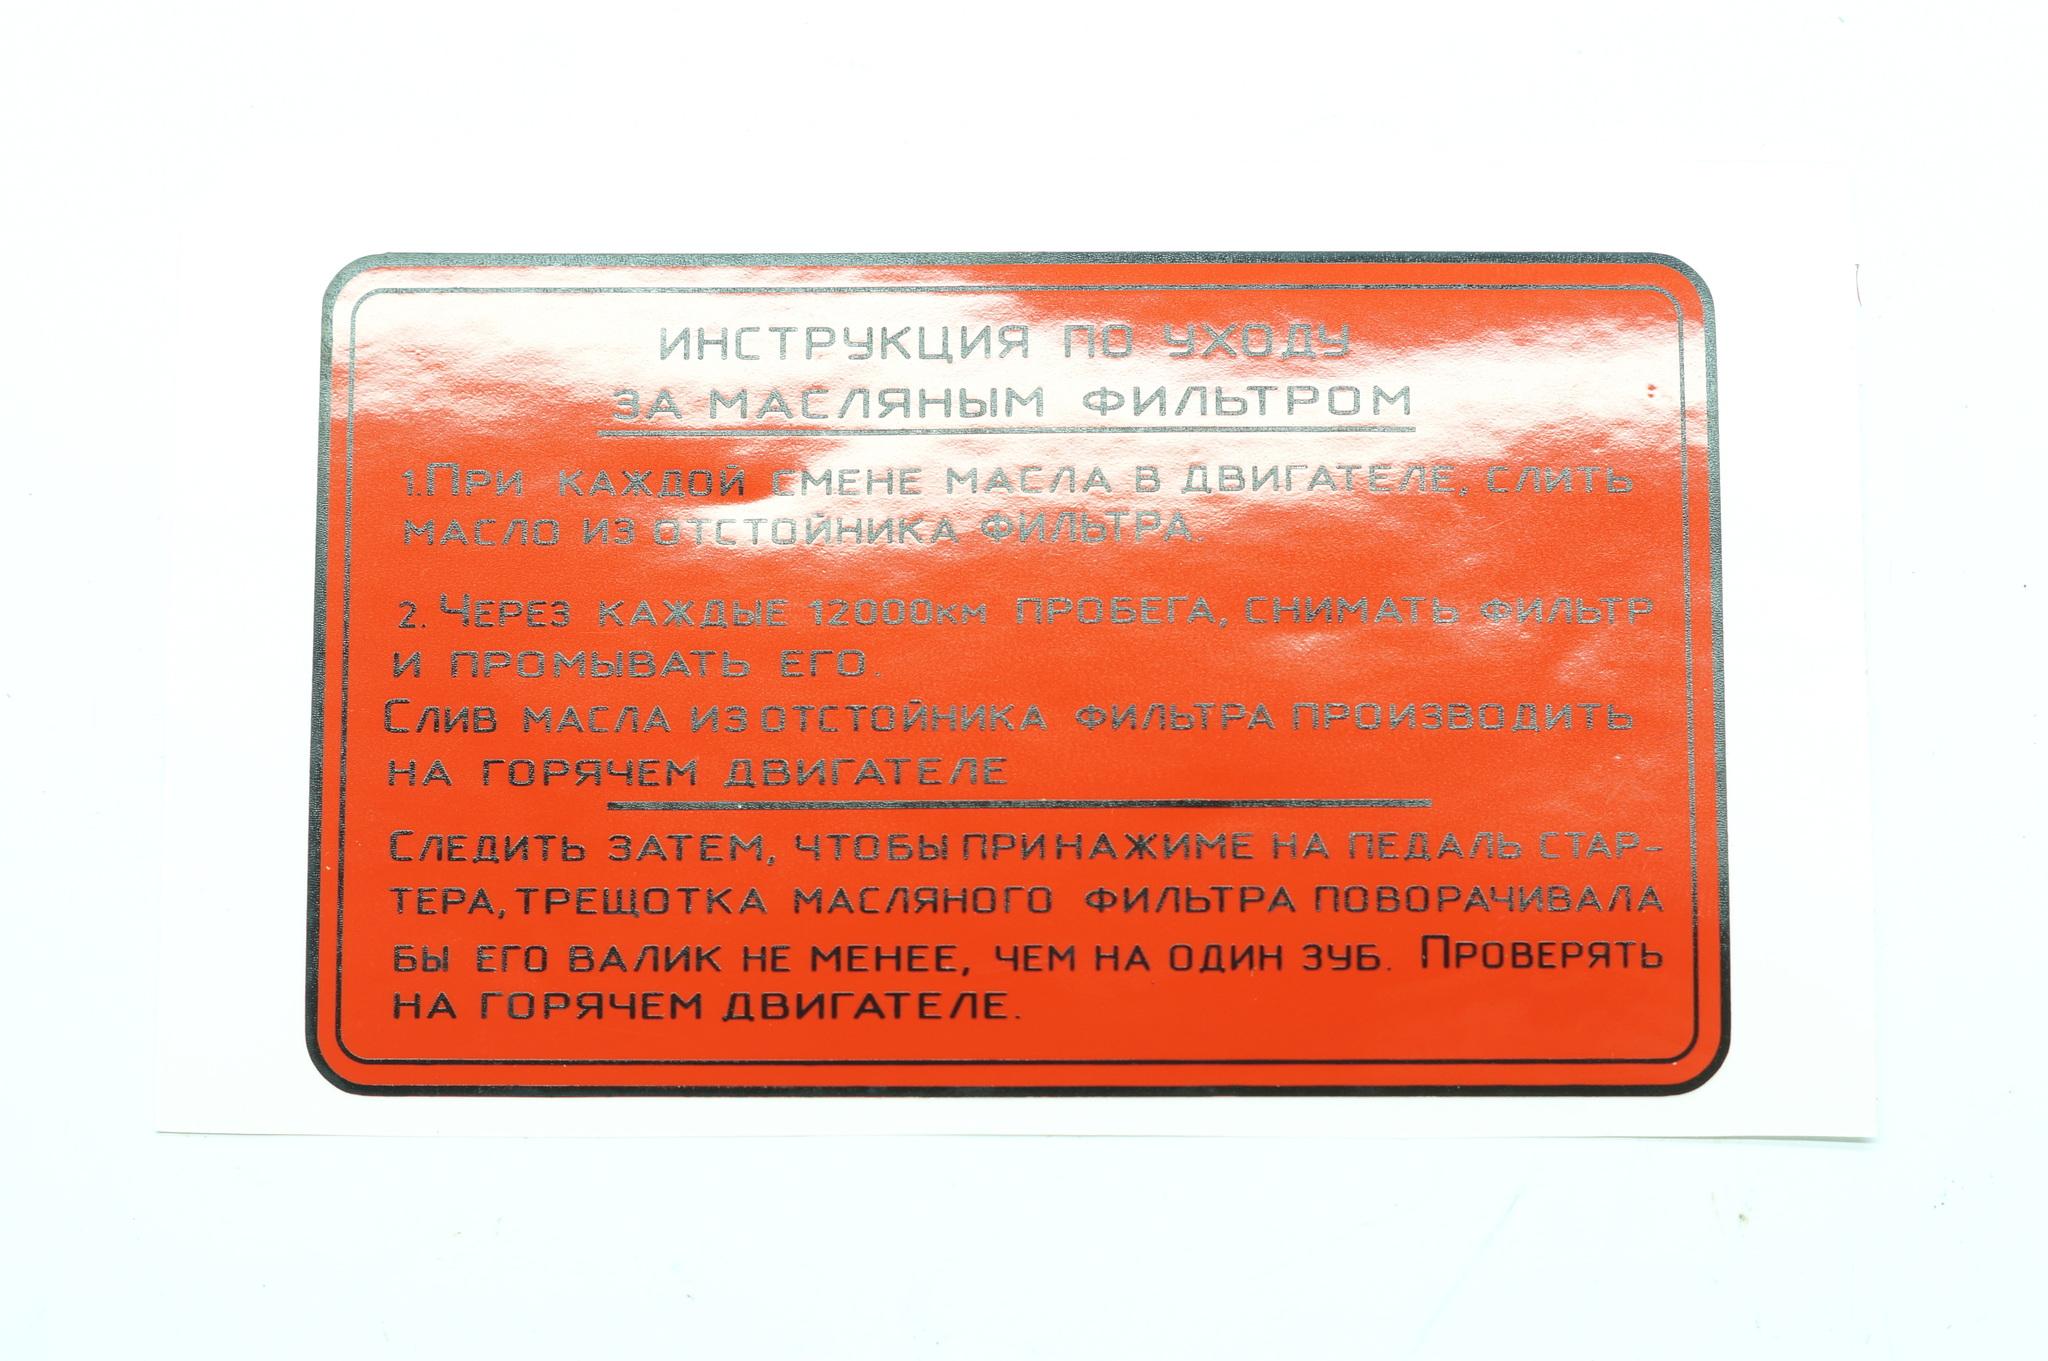 Инструкция по уходу за масляным фильтром ГАЗ М20